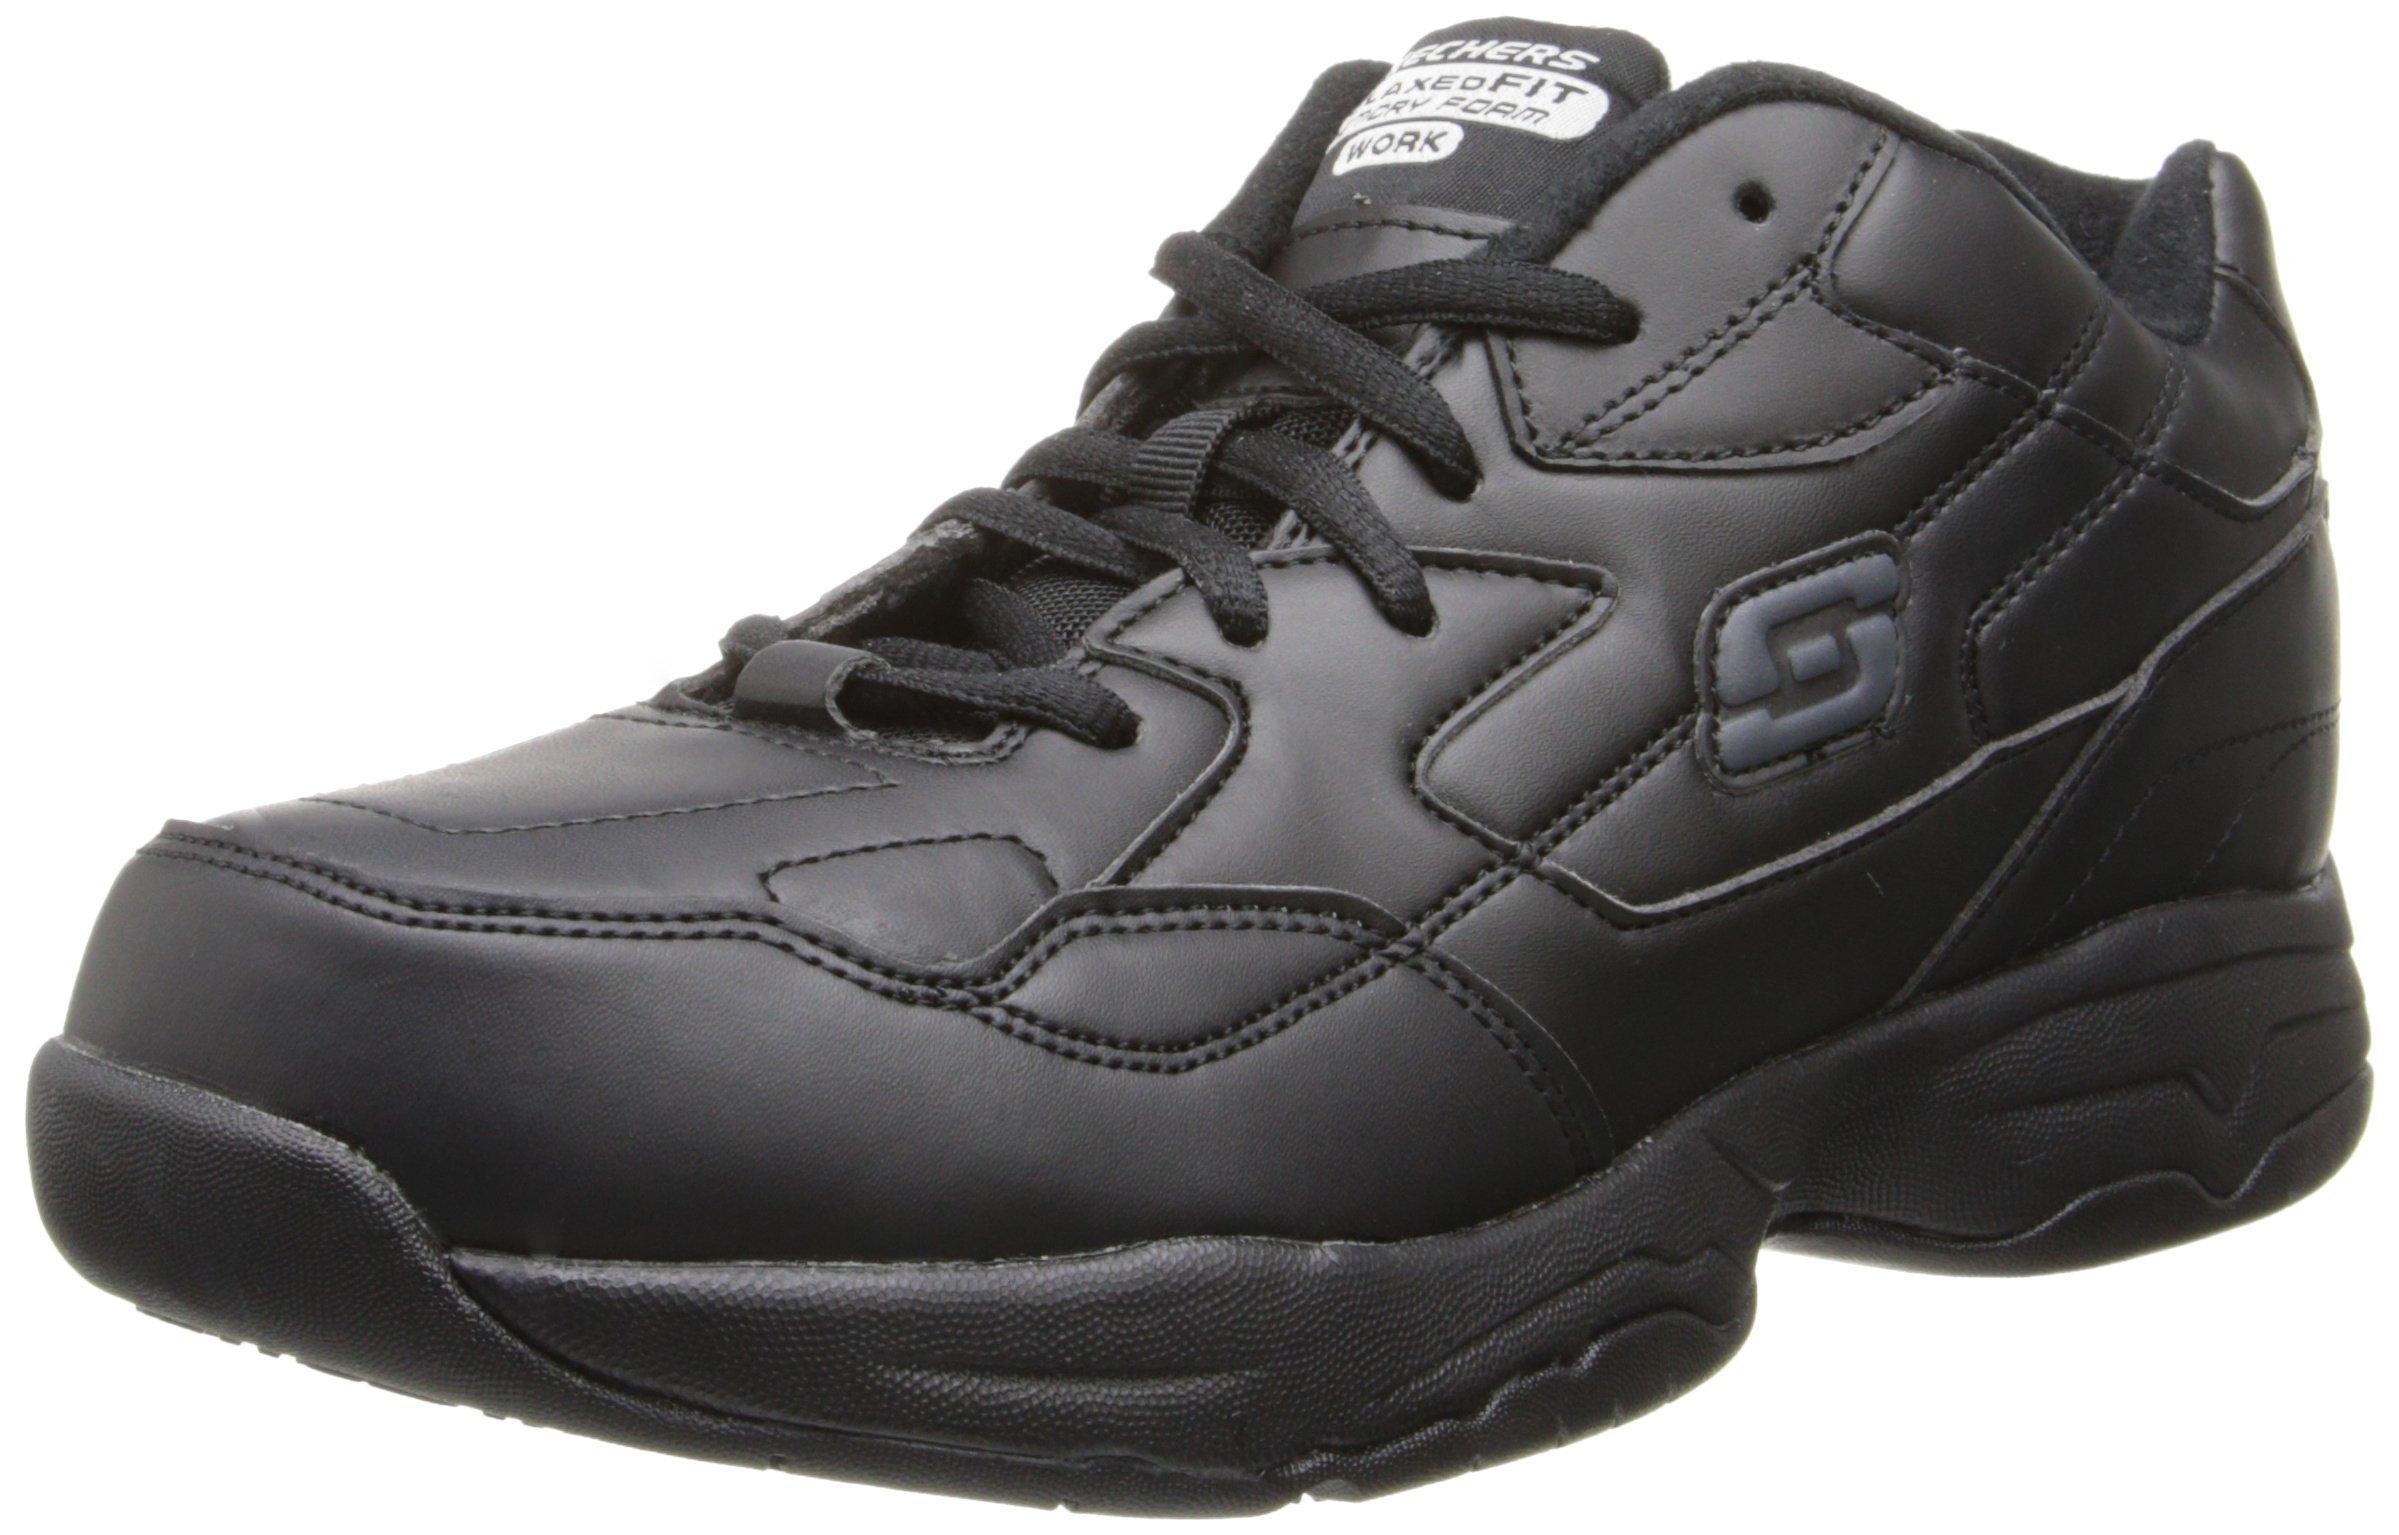 Skechers for Women's Work Albie Walking Shoe, Black, 11 M US